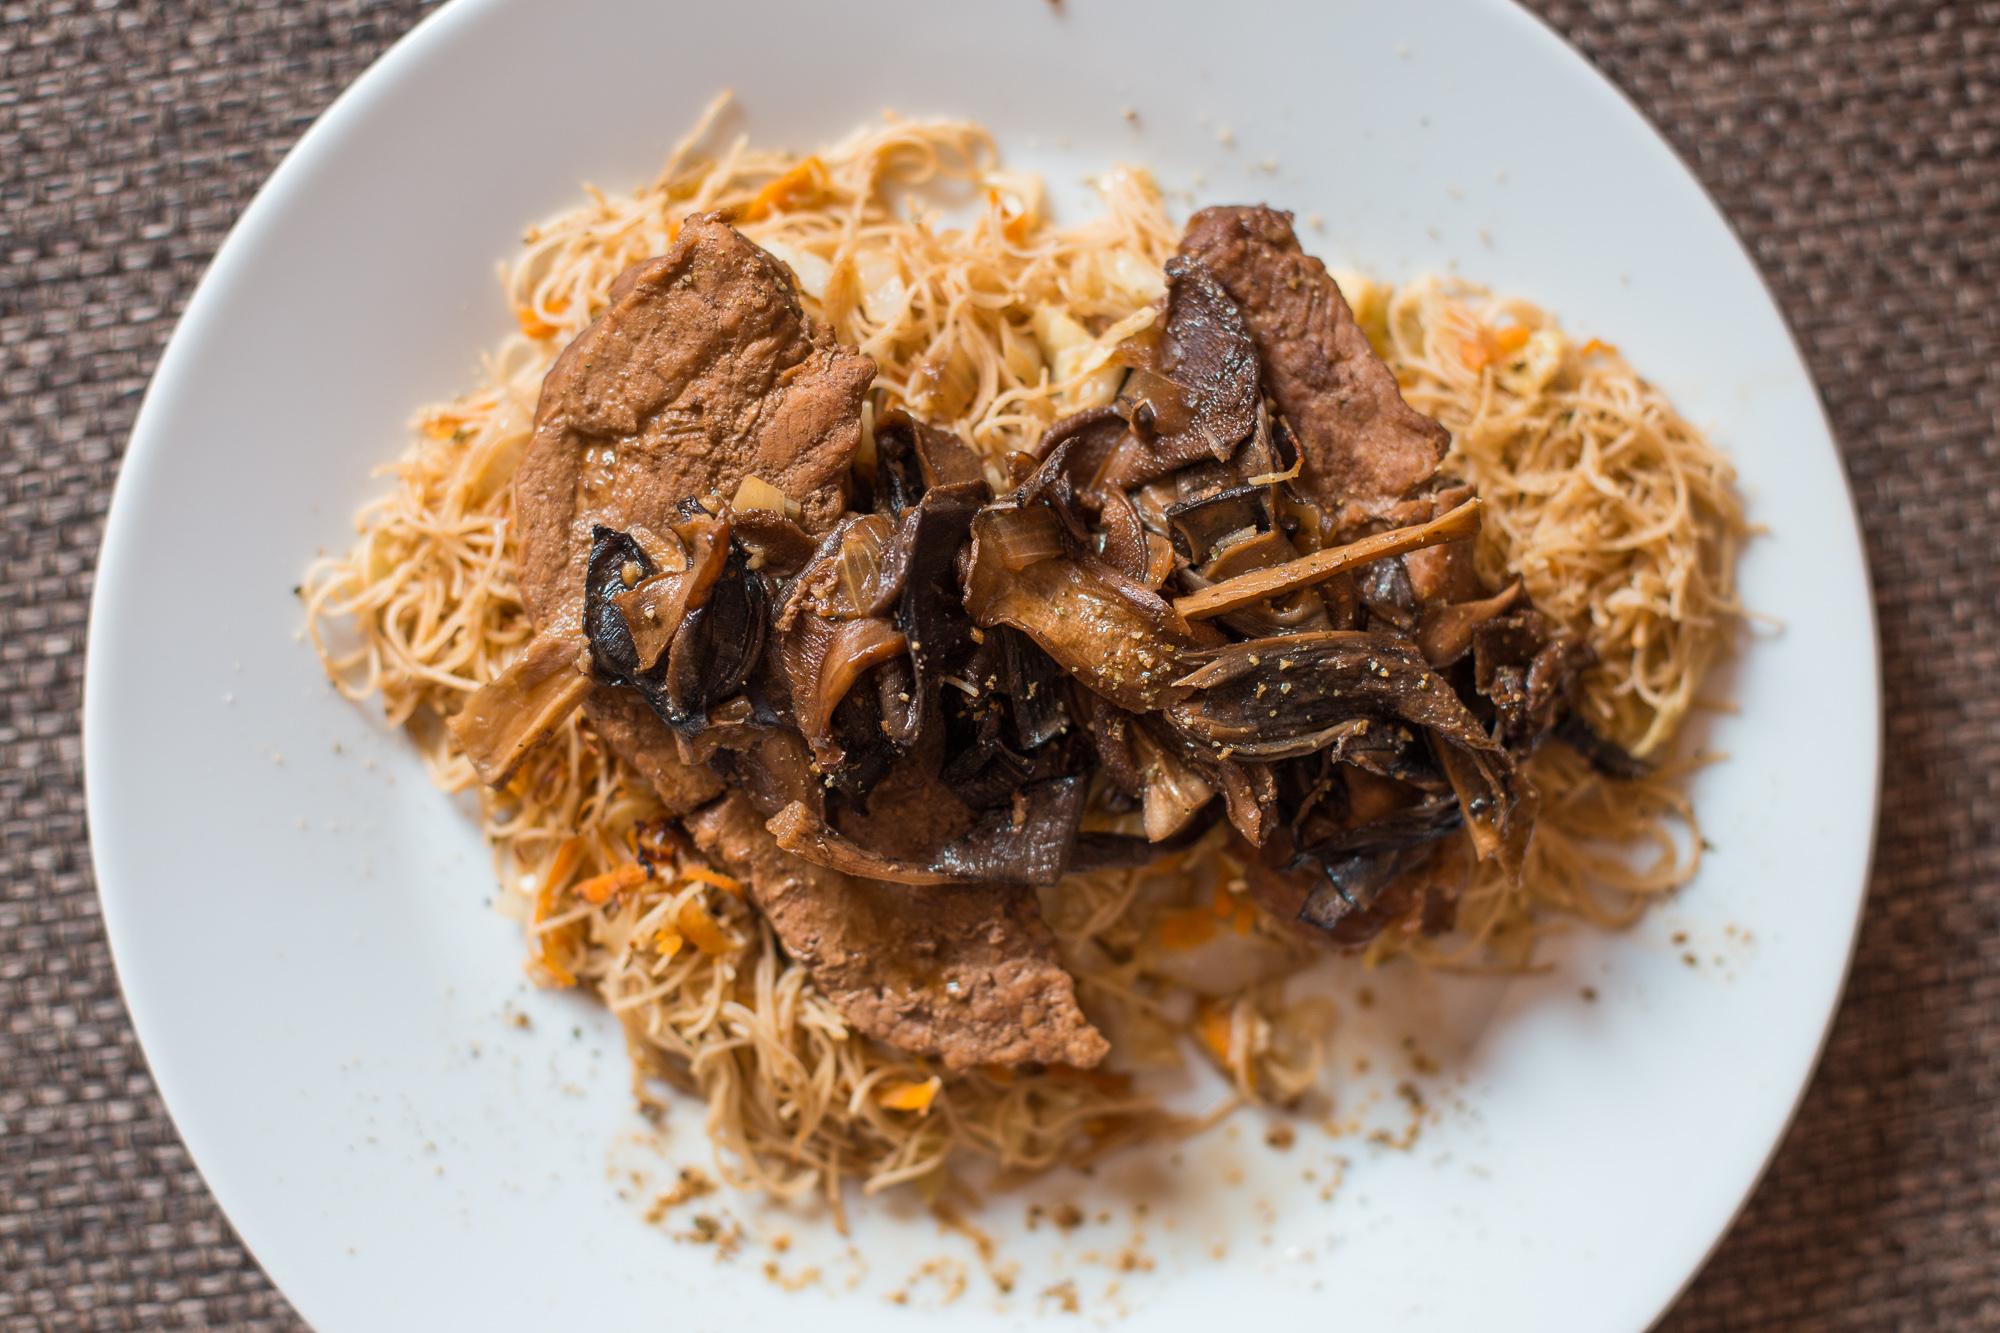 pork, mushrooms and noodles